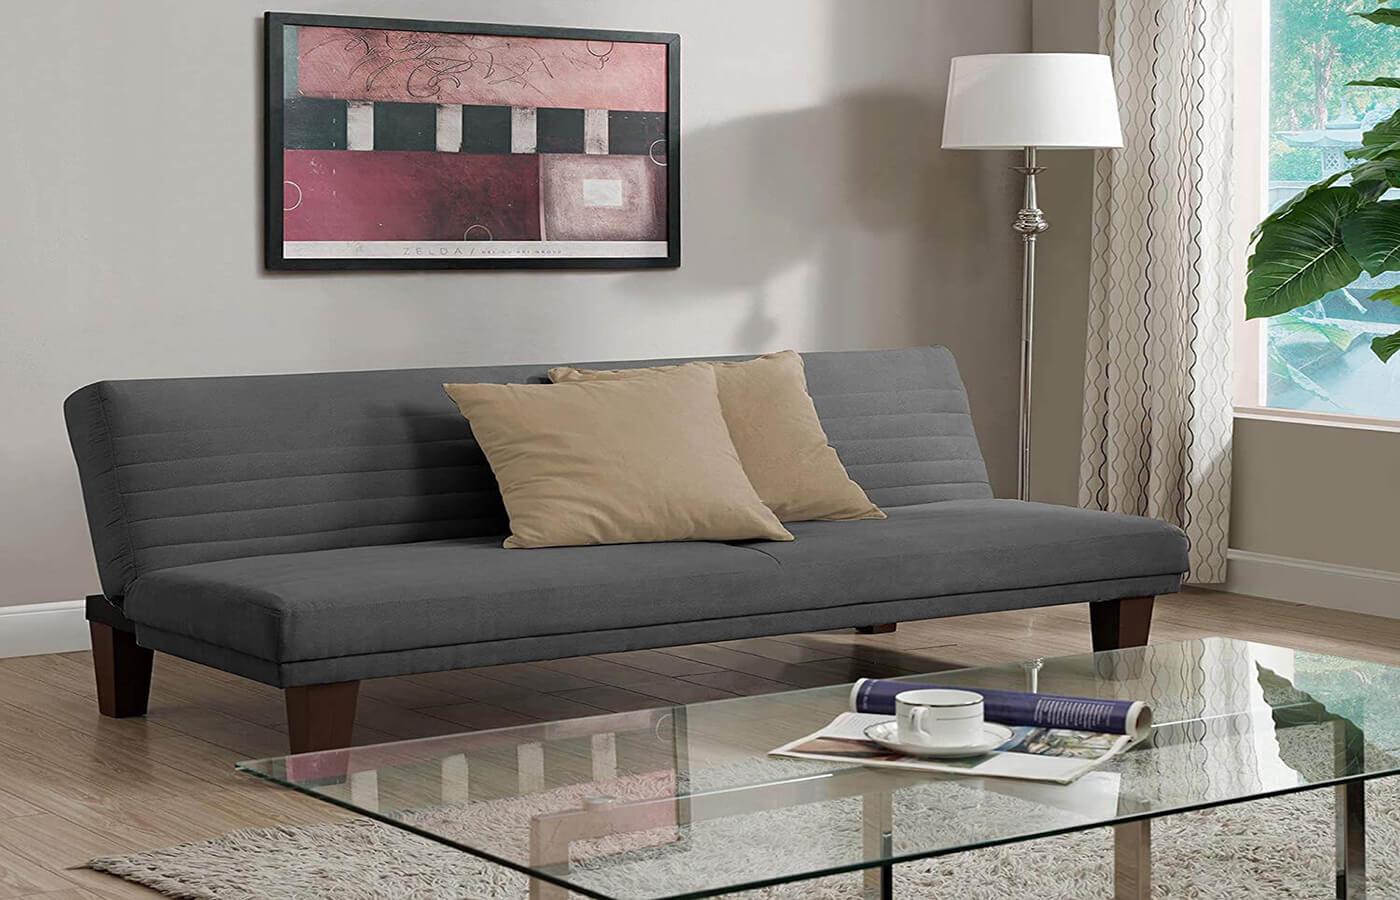 ikea futon sofa bed